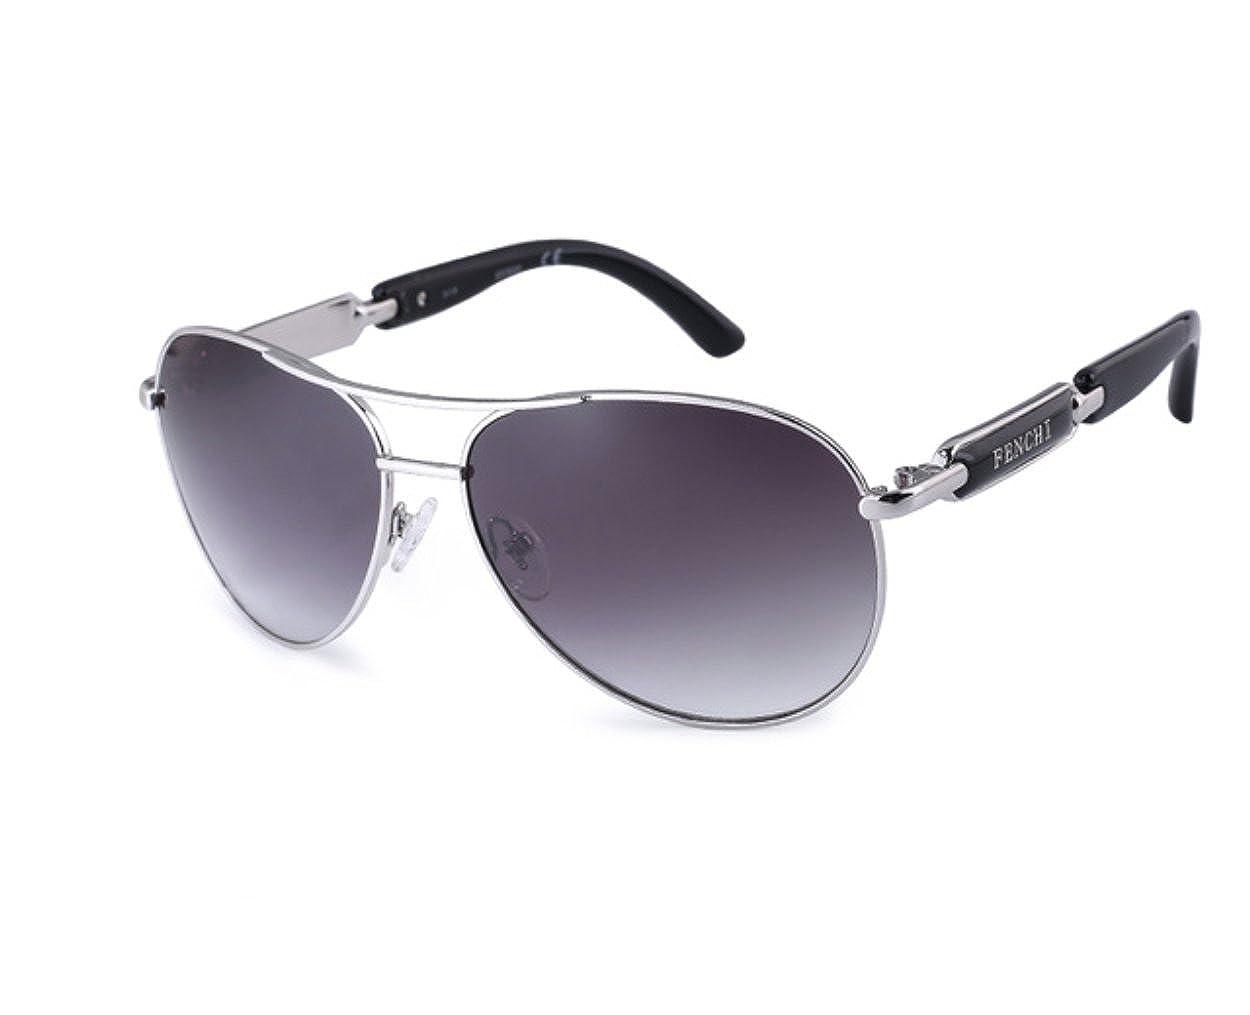 Gafas De Sol Espejo Polarizadas, 100% Polarizadas UV400, Anti-reflectante, Espejo Gradiente, Gafas polarizadas espejo clásicas, Gafas de sol piloto mujer ...